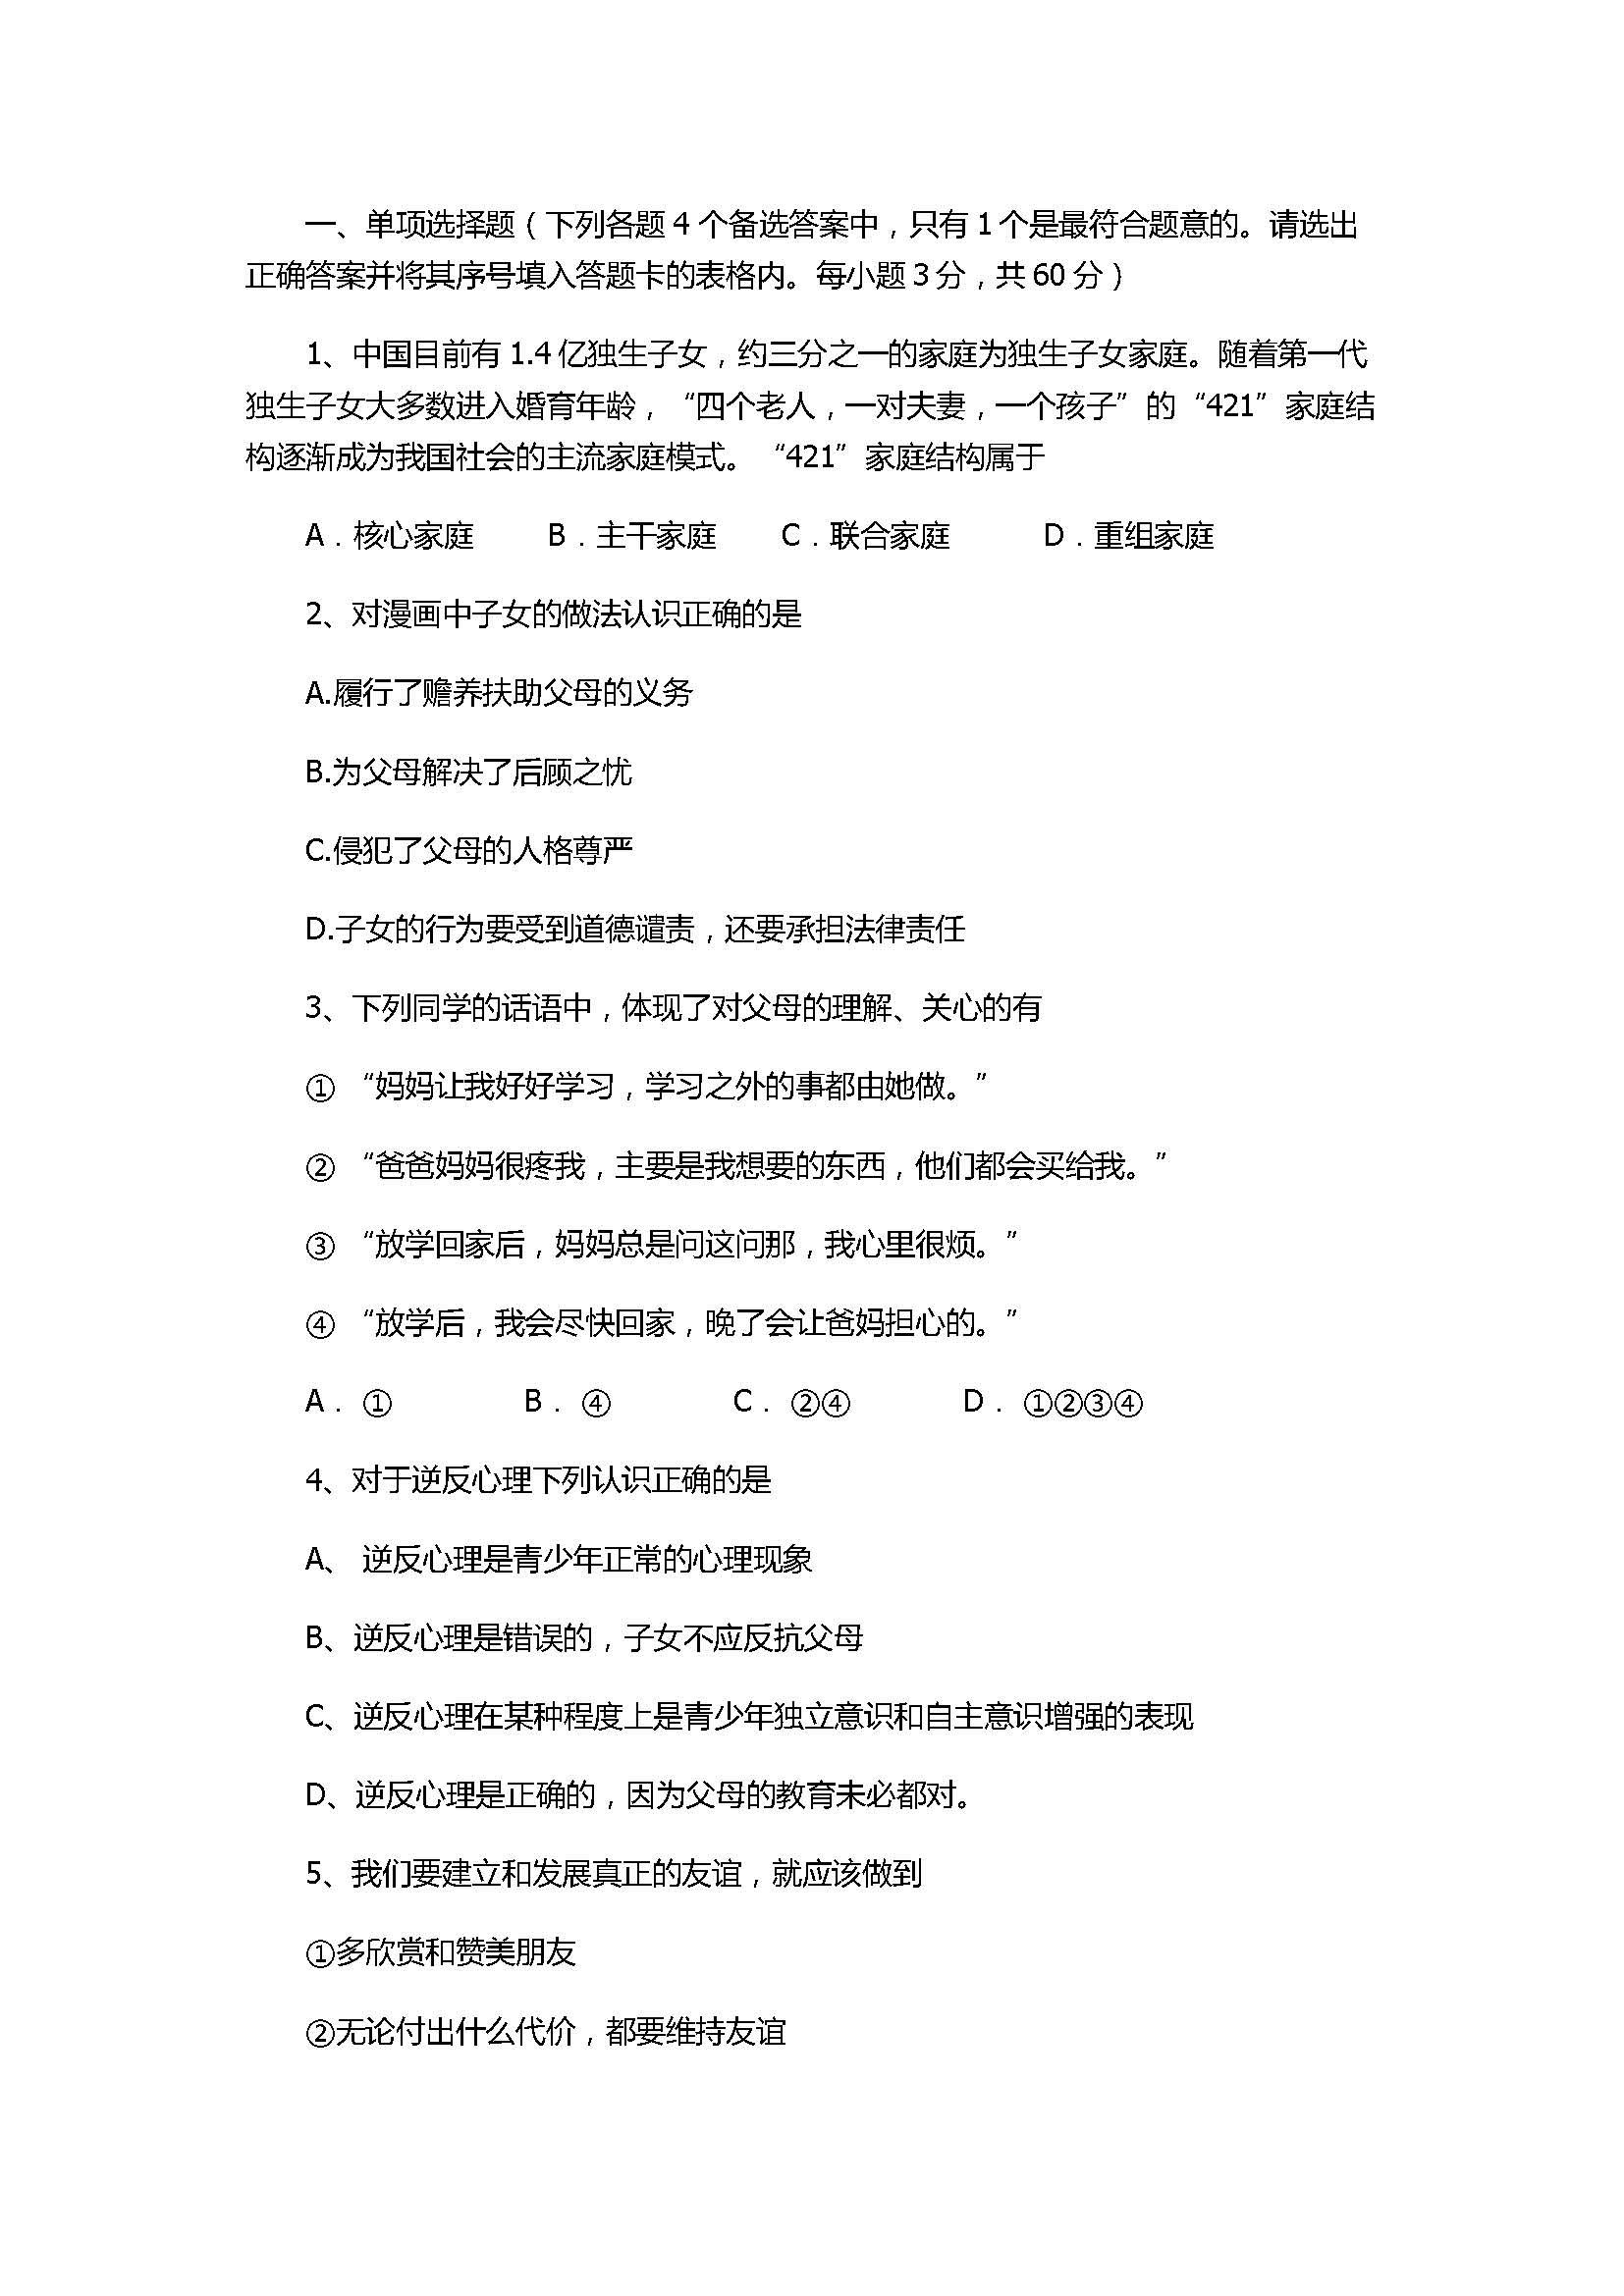 2017初二年级政治上册期末试题带参考答案(宁城县)